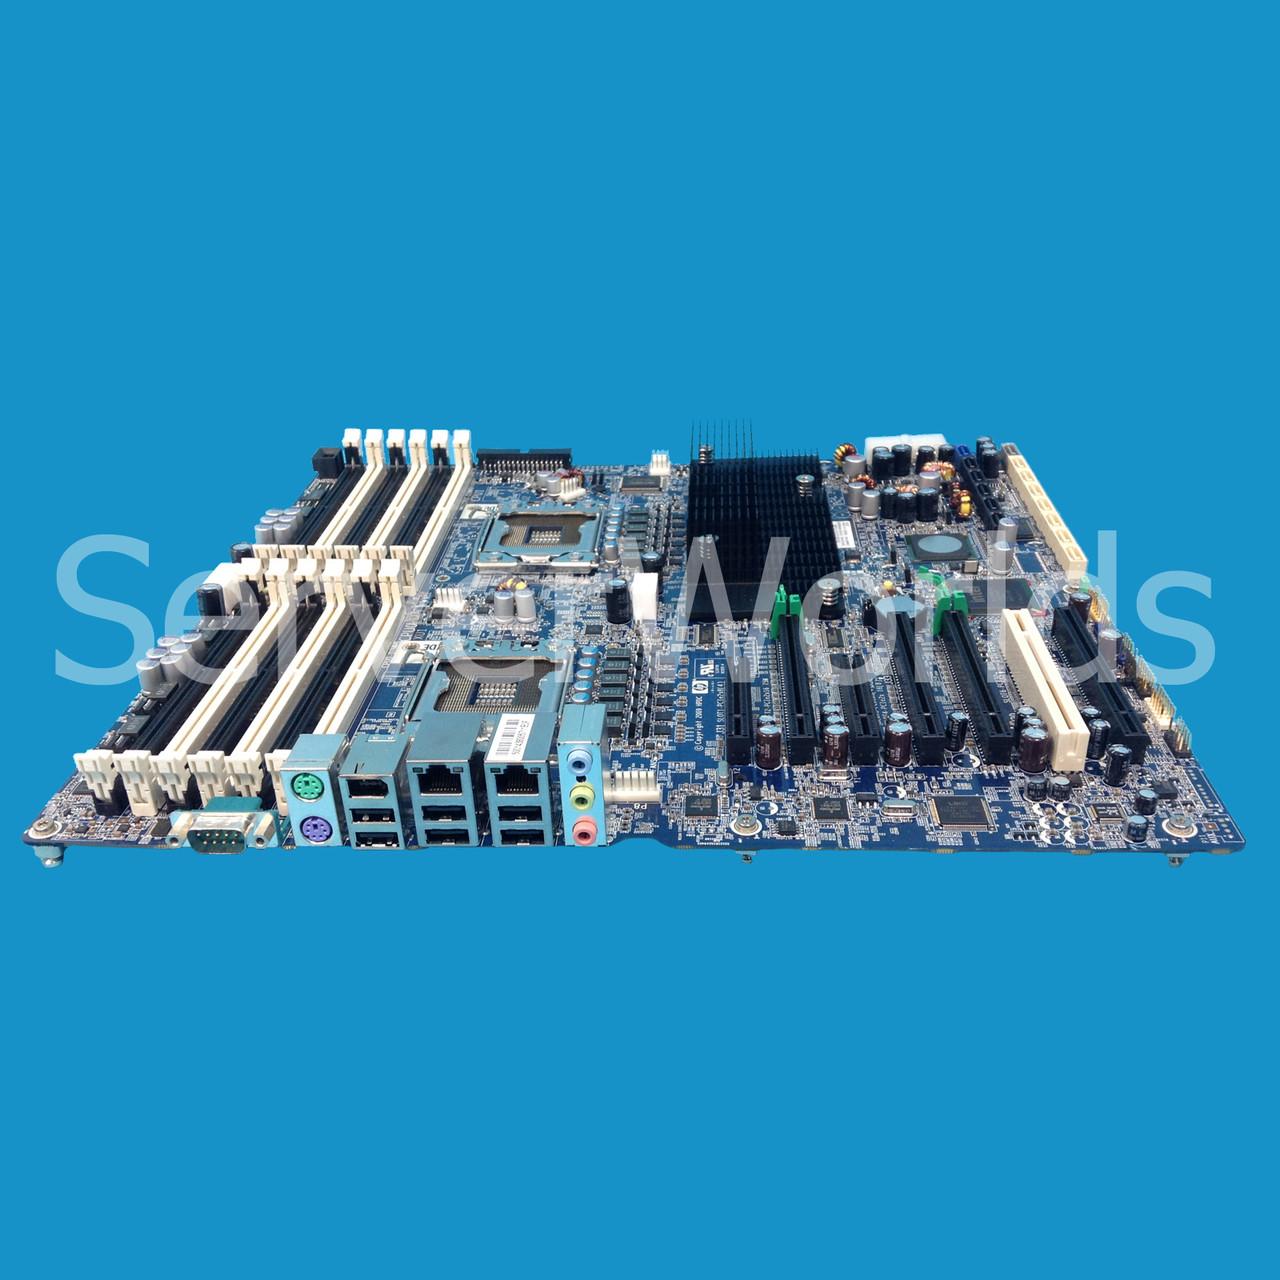 HP 576202-001 Z800 System Board 591182-001, 461437